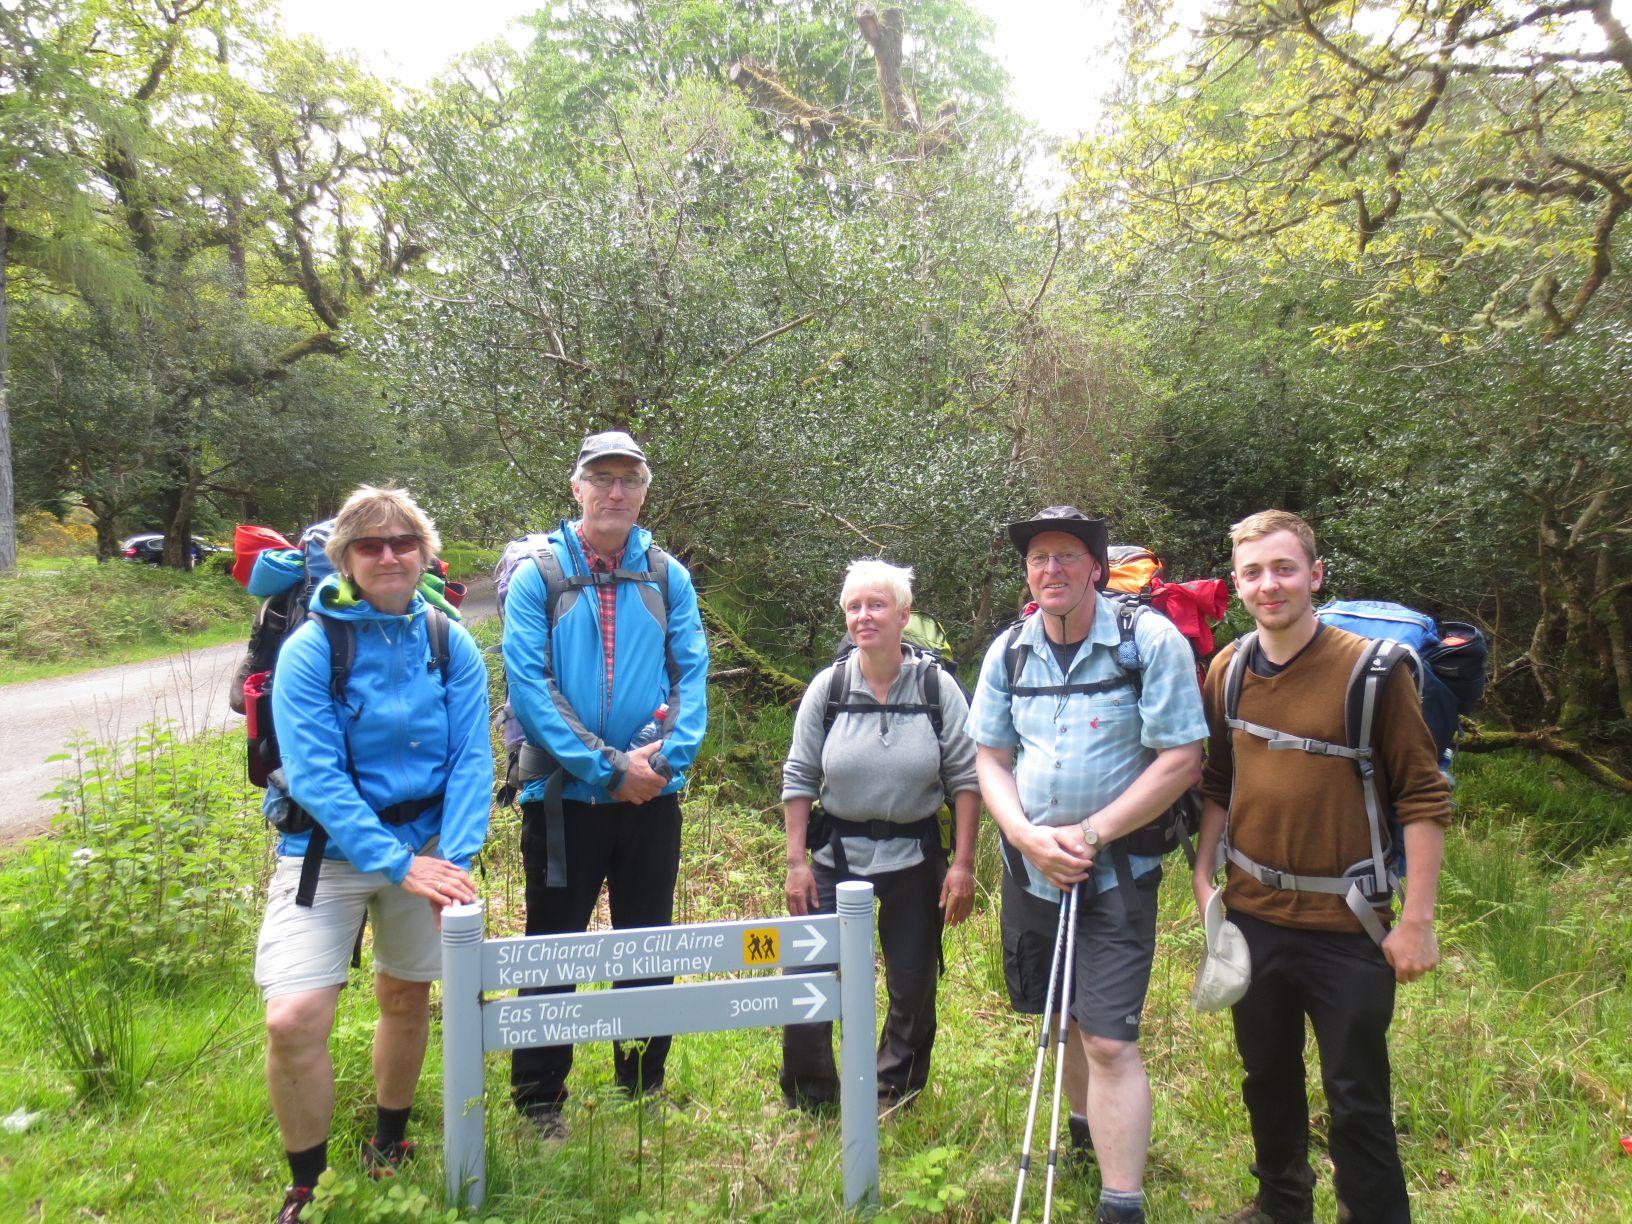 Gruppenfoto 300m vor de m Ziel (Torc Waterfall)